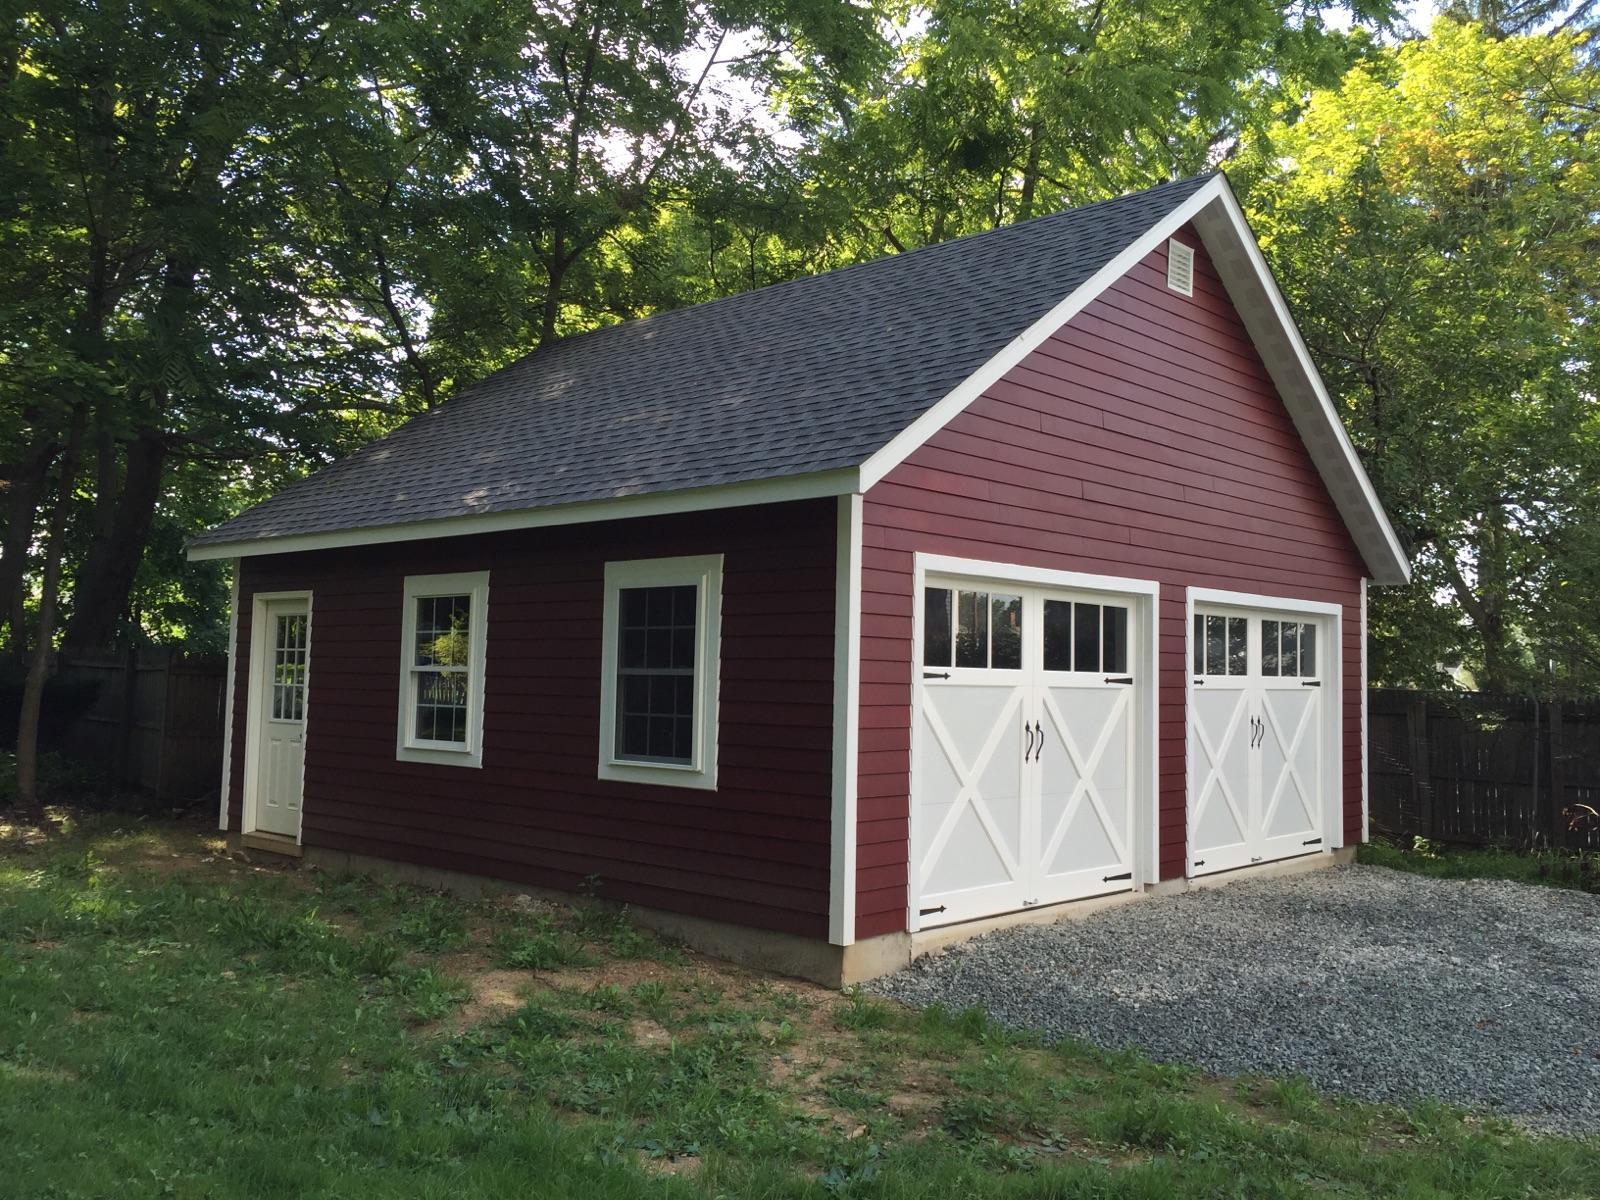 Detached Garage Built In Lancaster Pa: Garages, Amish Garage, 1-car Garage, 2-car Garage, 3-car